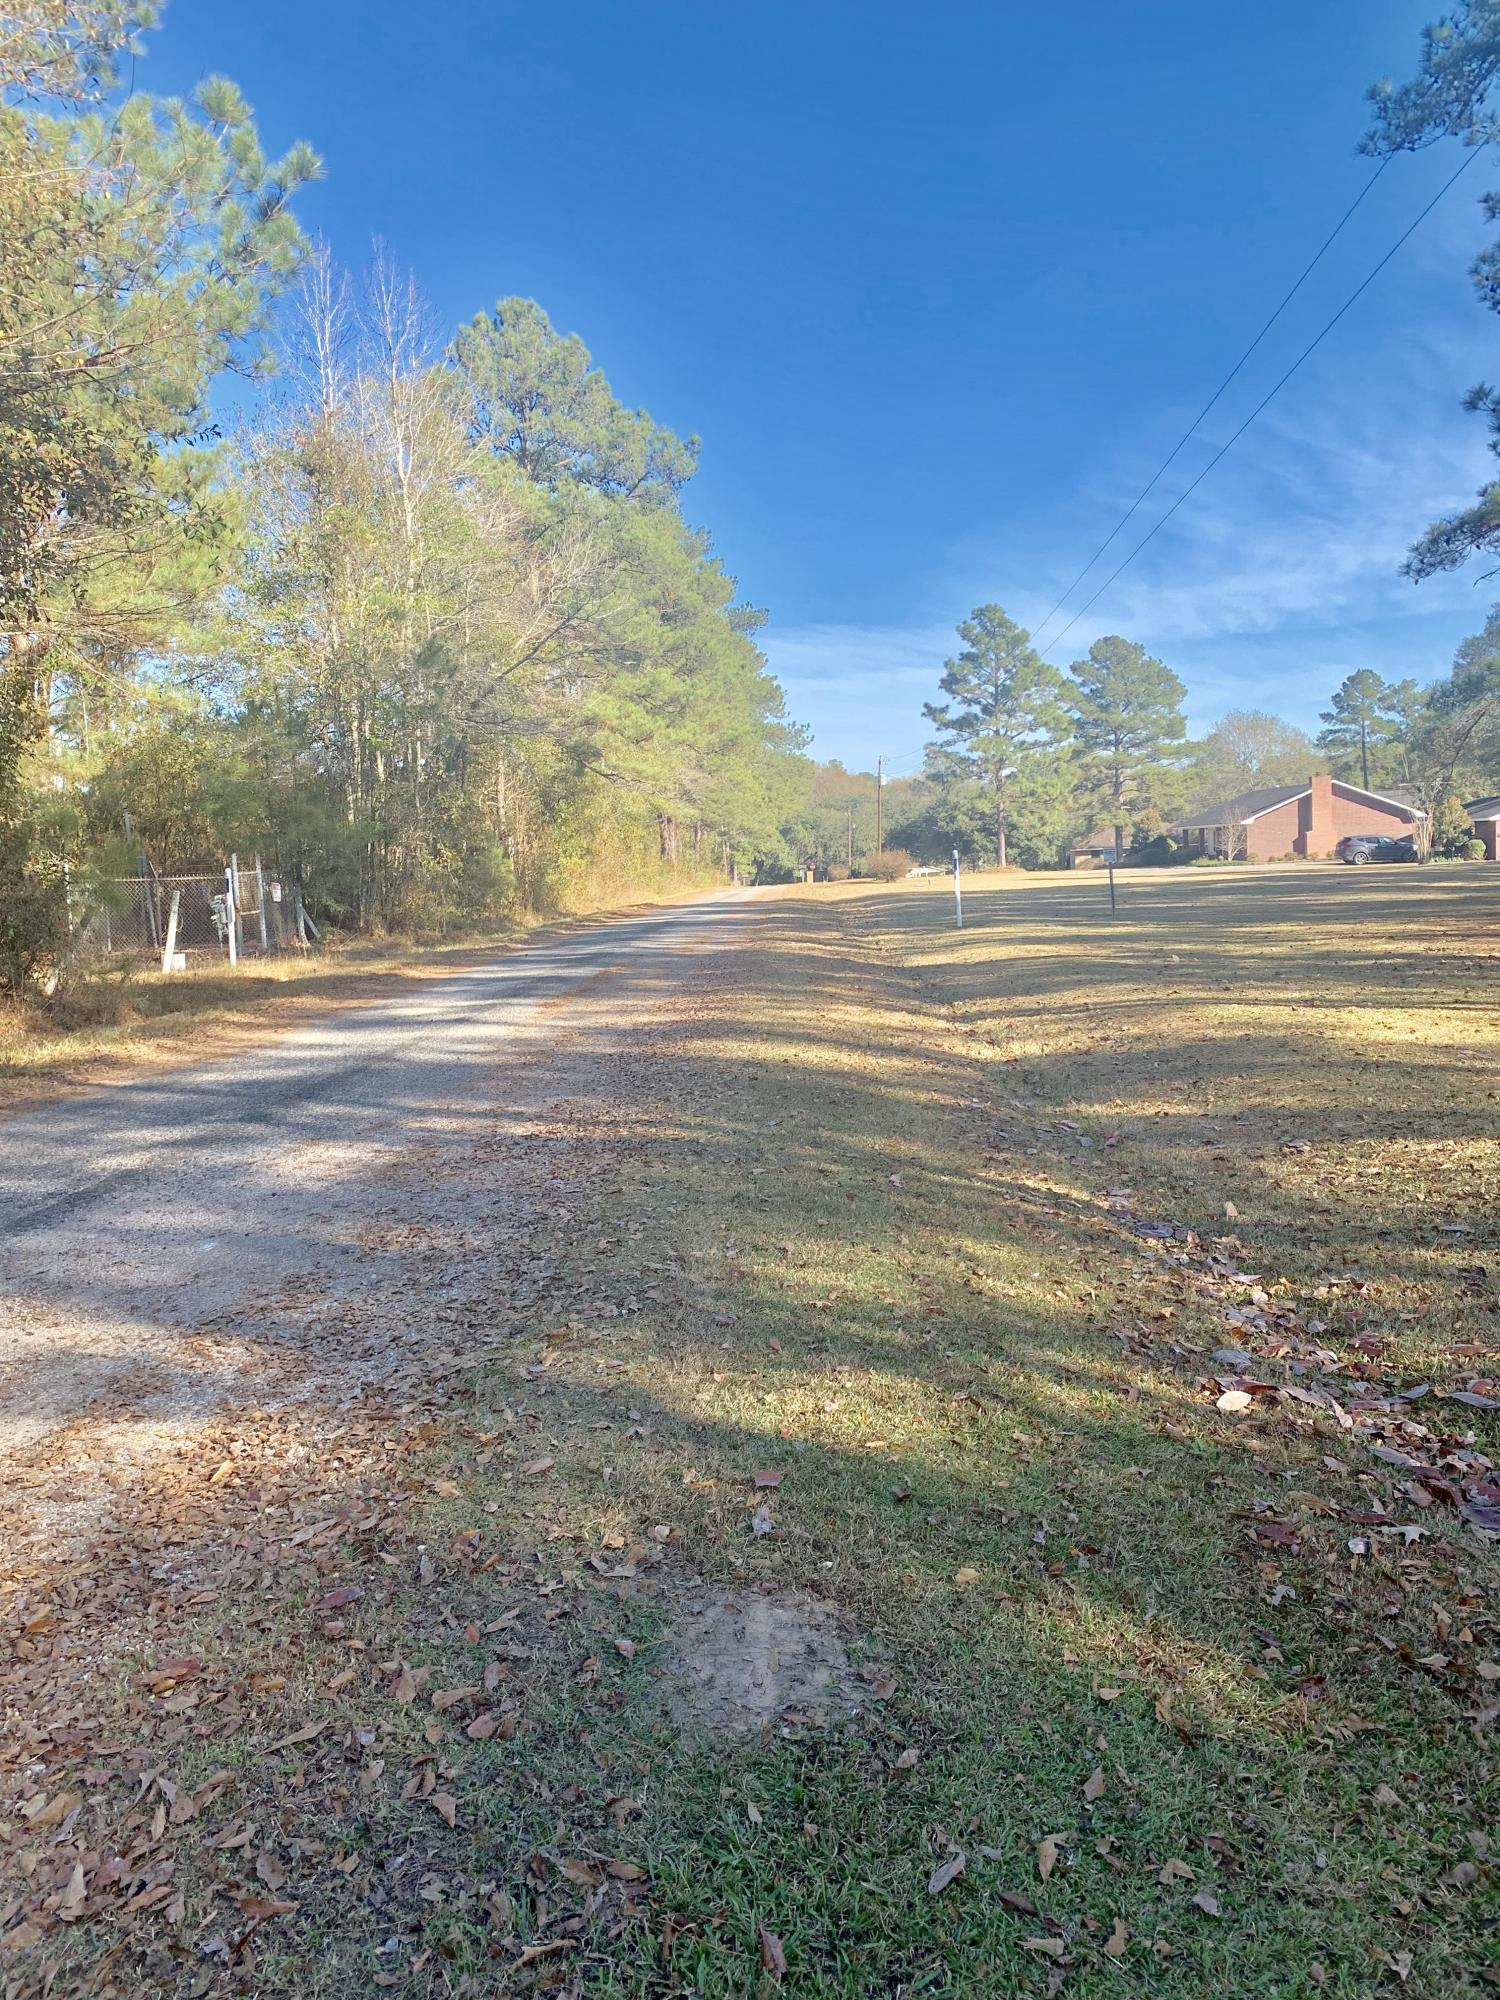 DeRidder land for sale,  George Alston Rd, DeRidder LA - $38,900